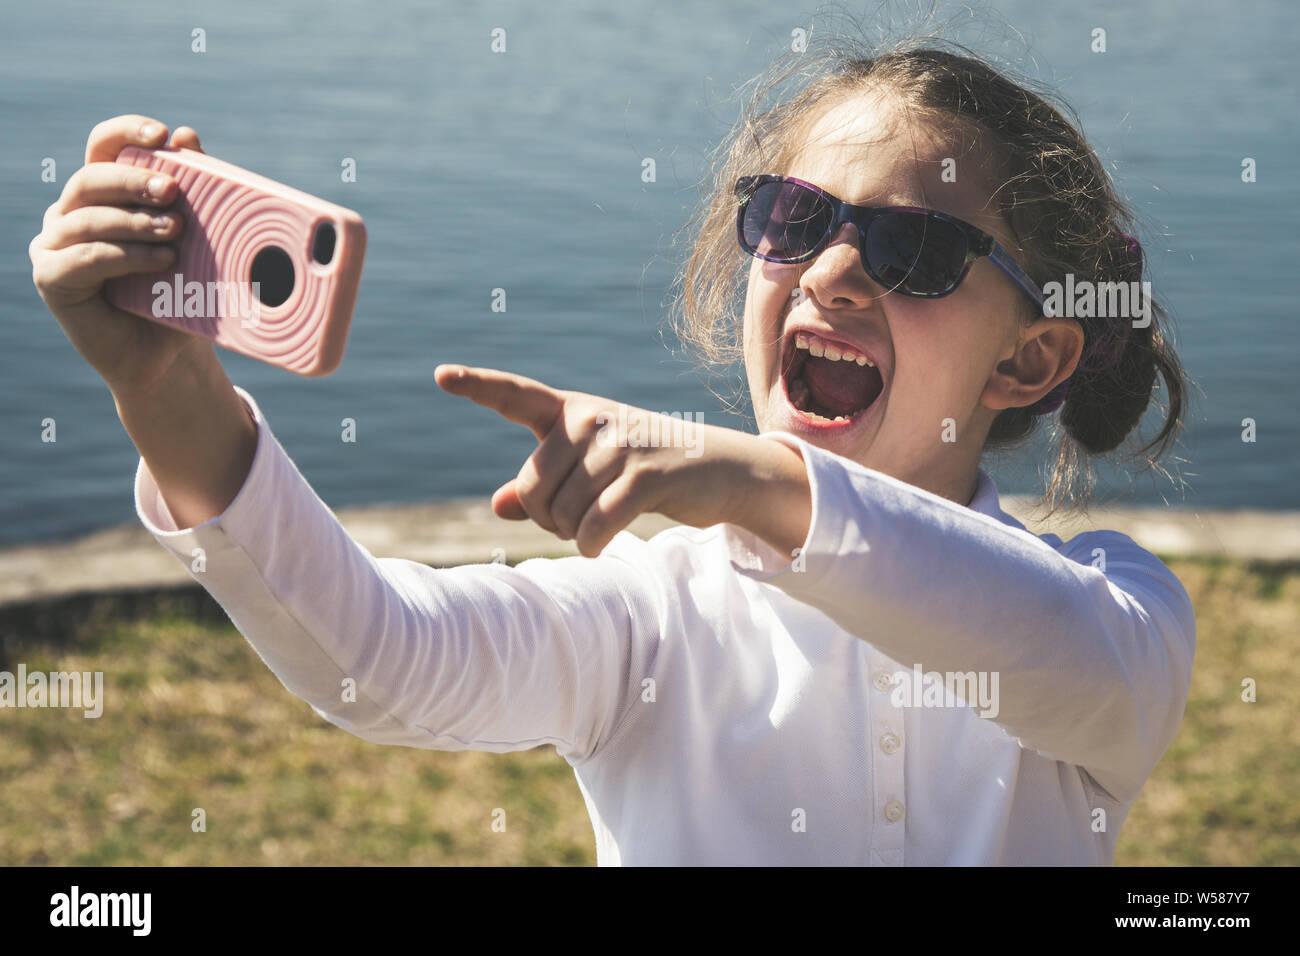 Niña hacer una videollamada con amigos tecnología inalámbrica remota ayuda a mantenerse conectado en cualquier lugar. Hermosa sonrisa kid e indica con el Foto de stock